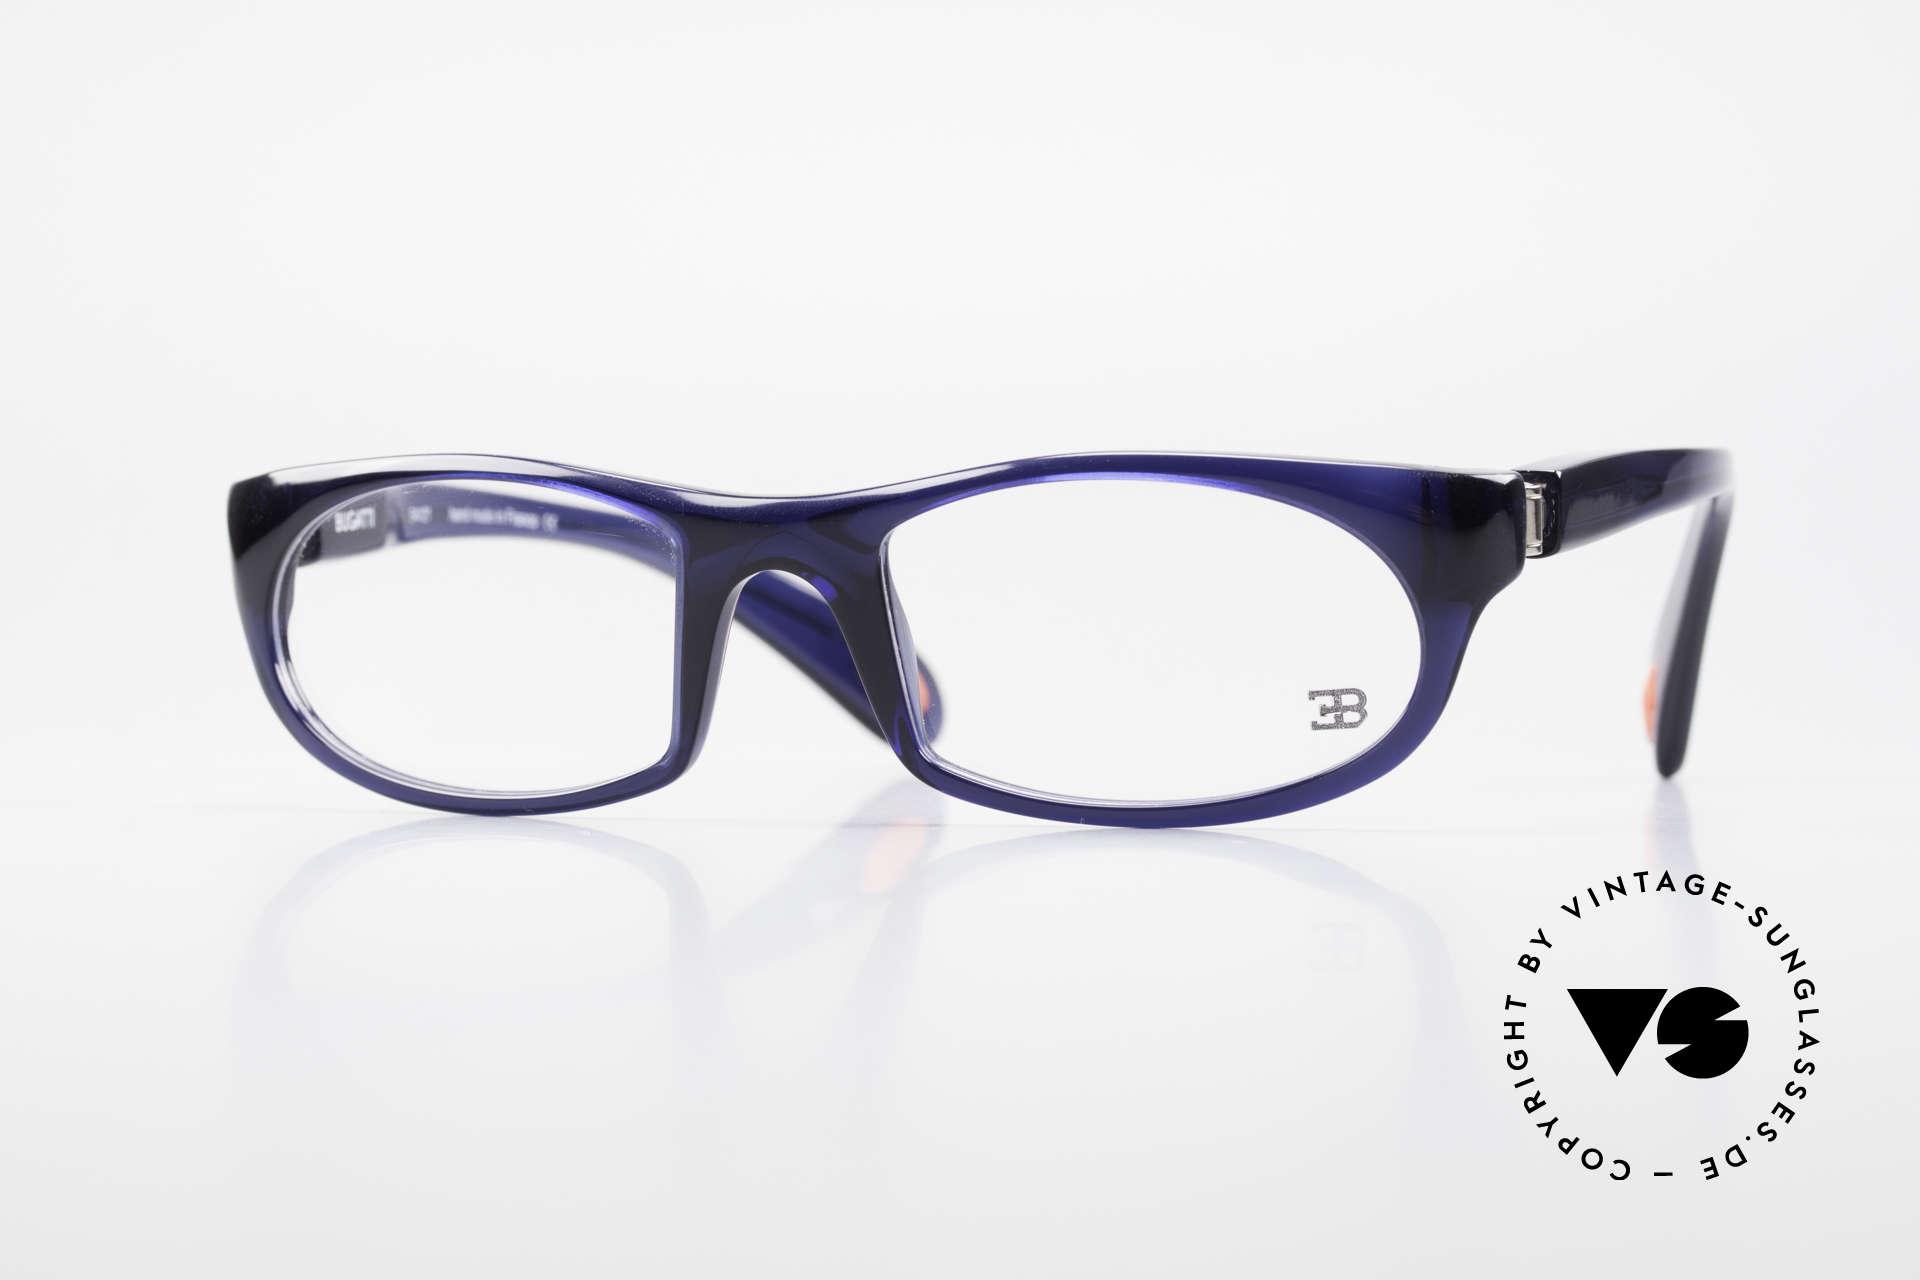 Bugatti 326 Odotype Echte Vintage Designer Brille, sportliche high-tech vintage BUGATTI Brille, Passend für Herren